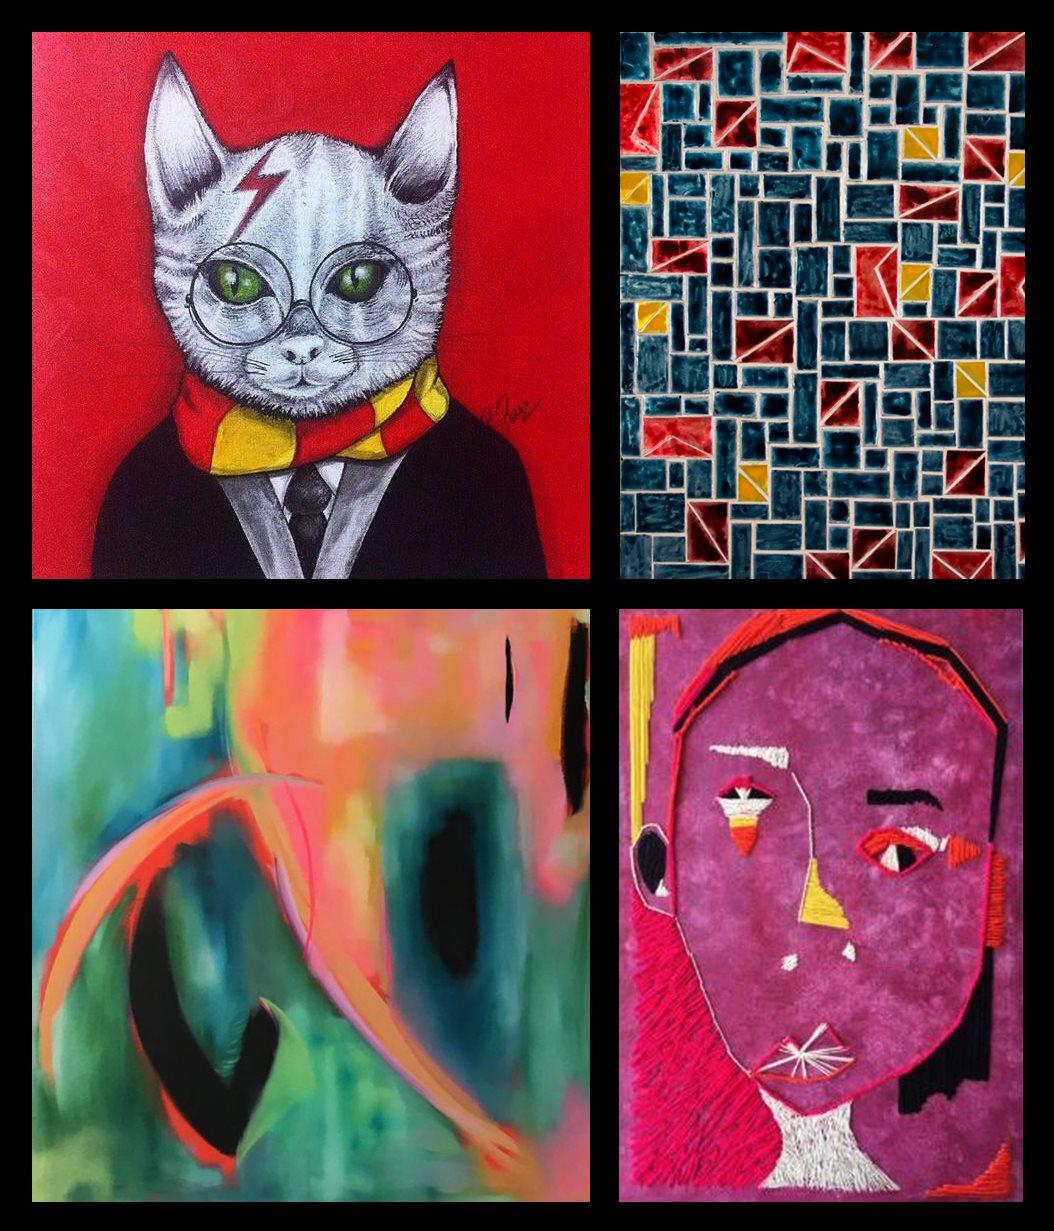 Amado Conheça os destaques nacionais da arte contemporânea YB93